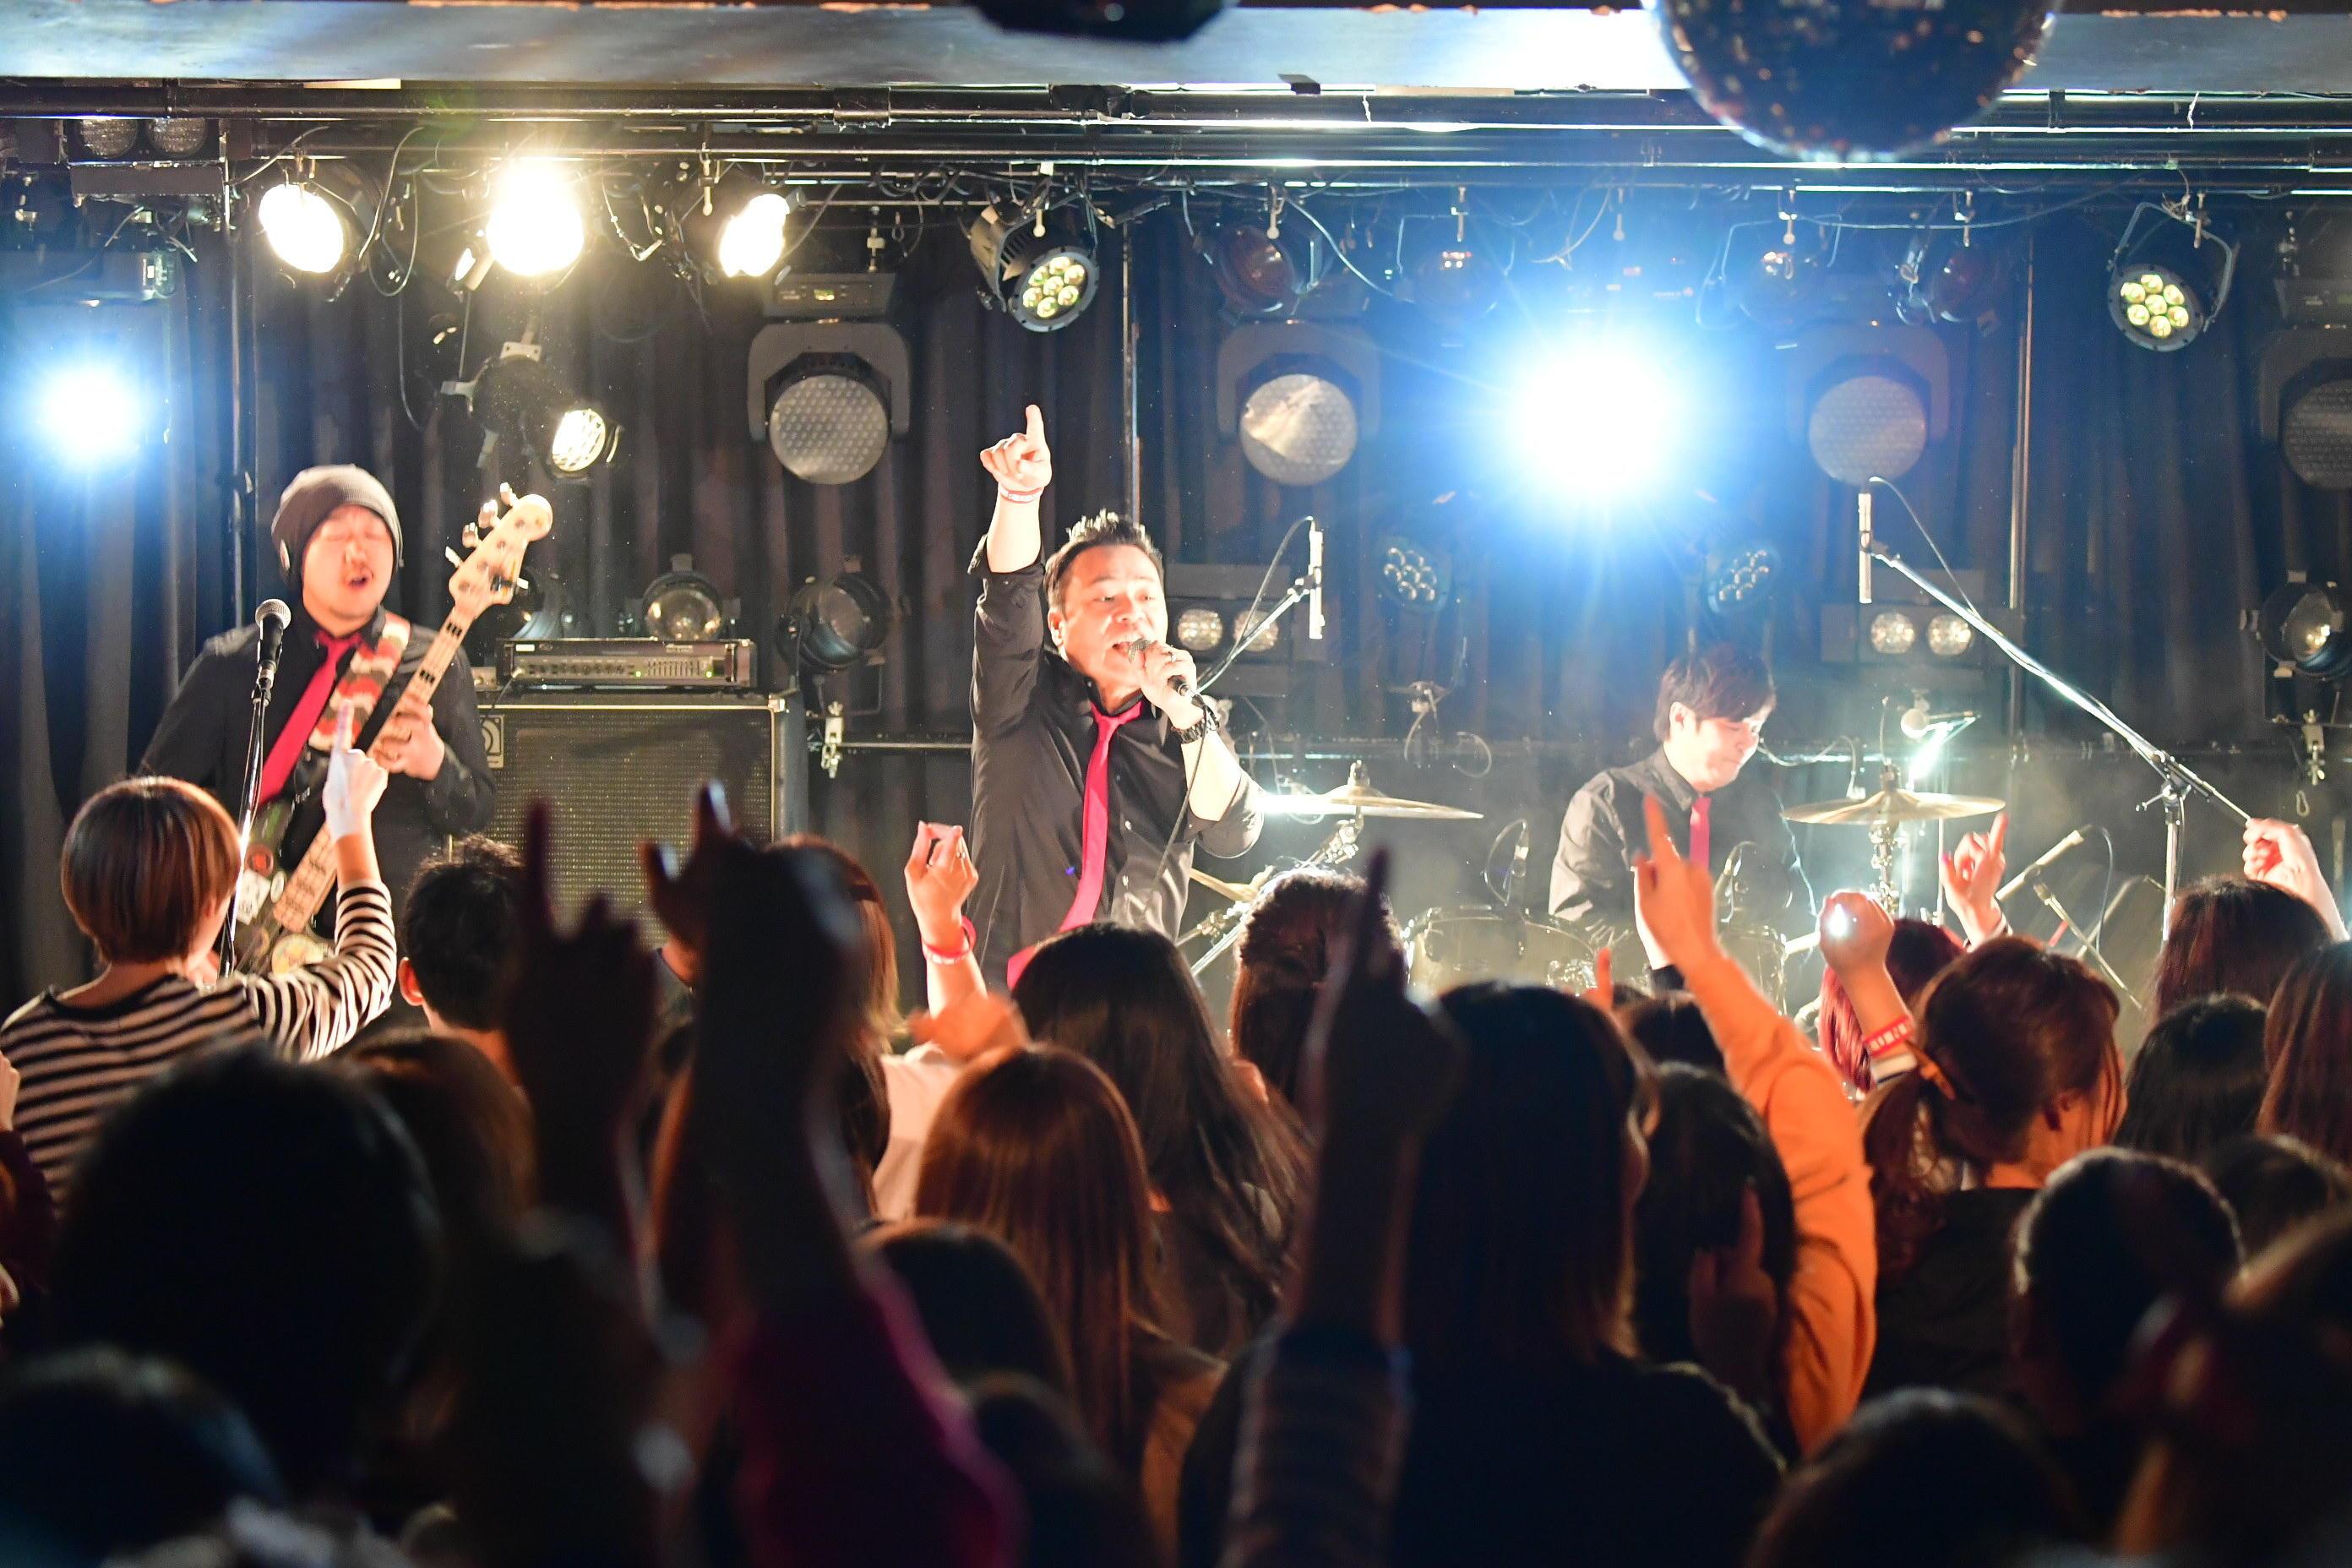 http://news.yoshimoto.co.jp/20180331125652-ce9ccc8c4ba74b454bdd517164f6b9d447d4eed9.jpg